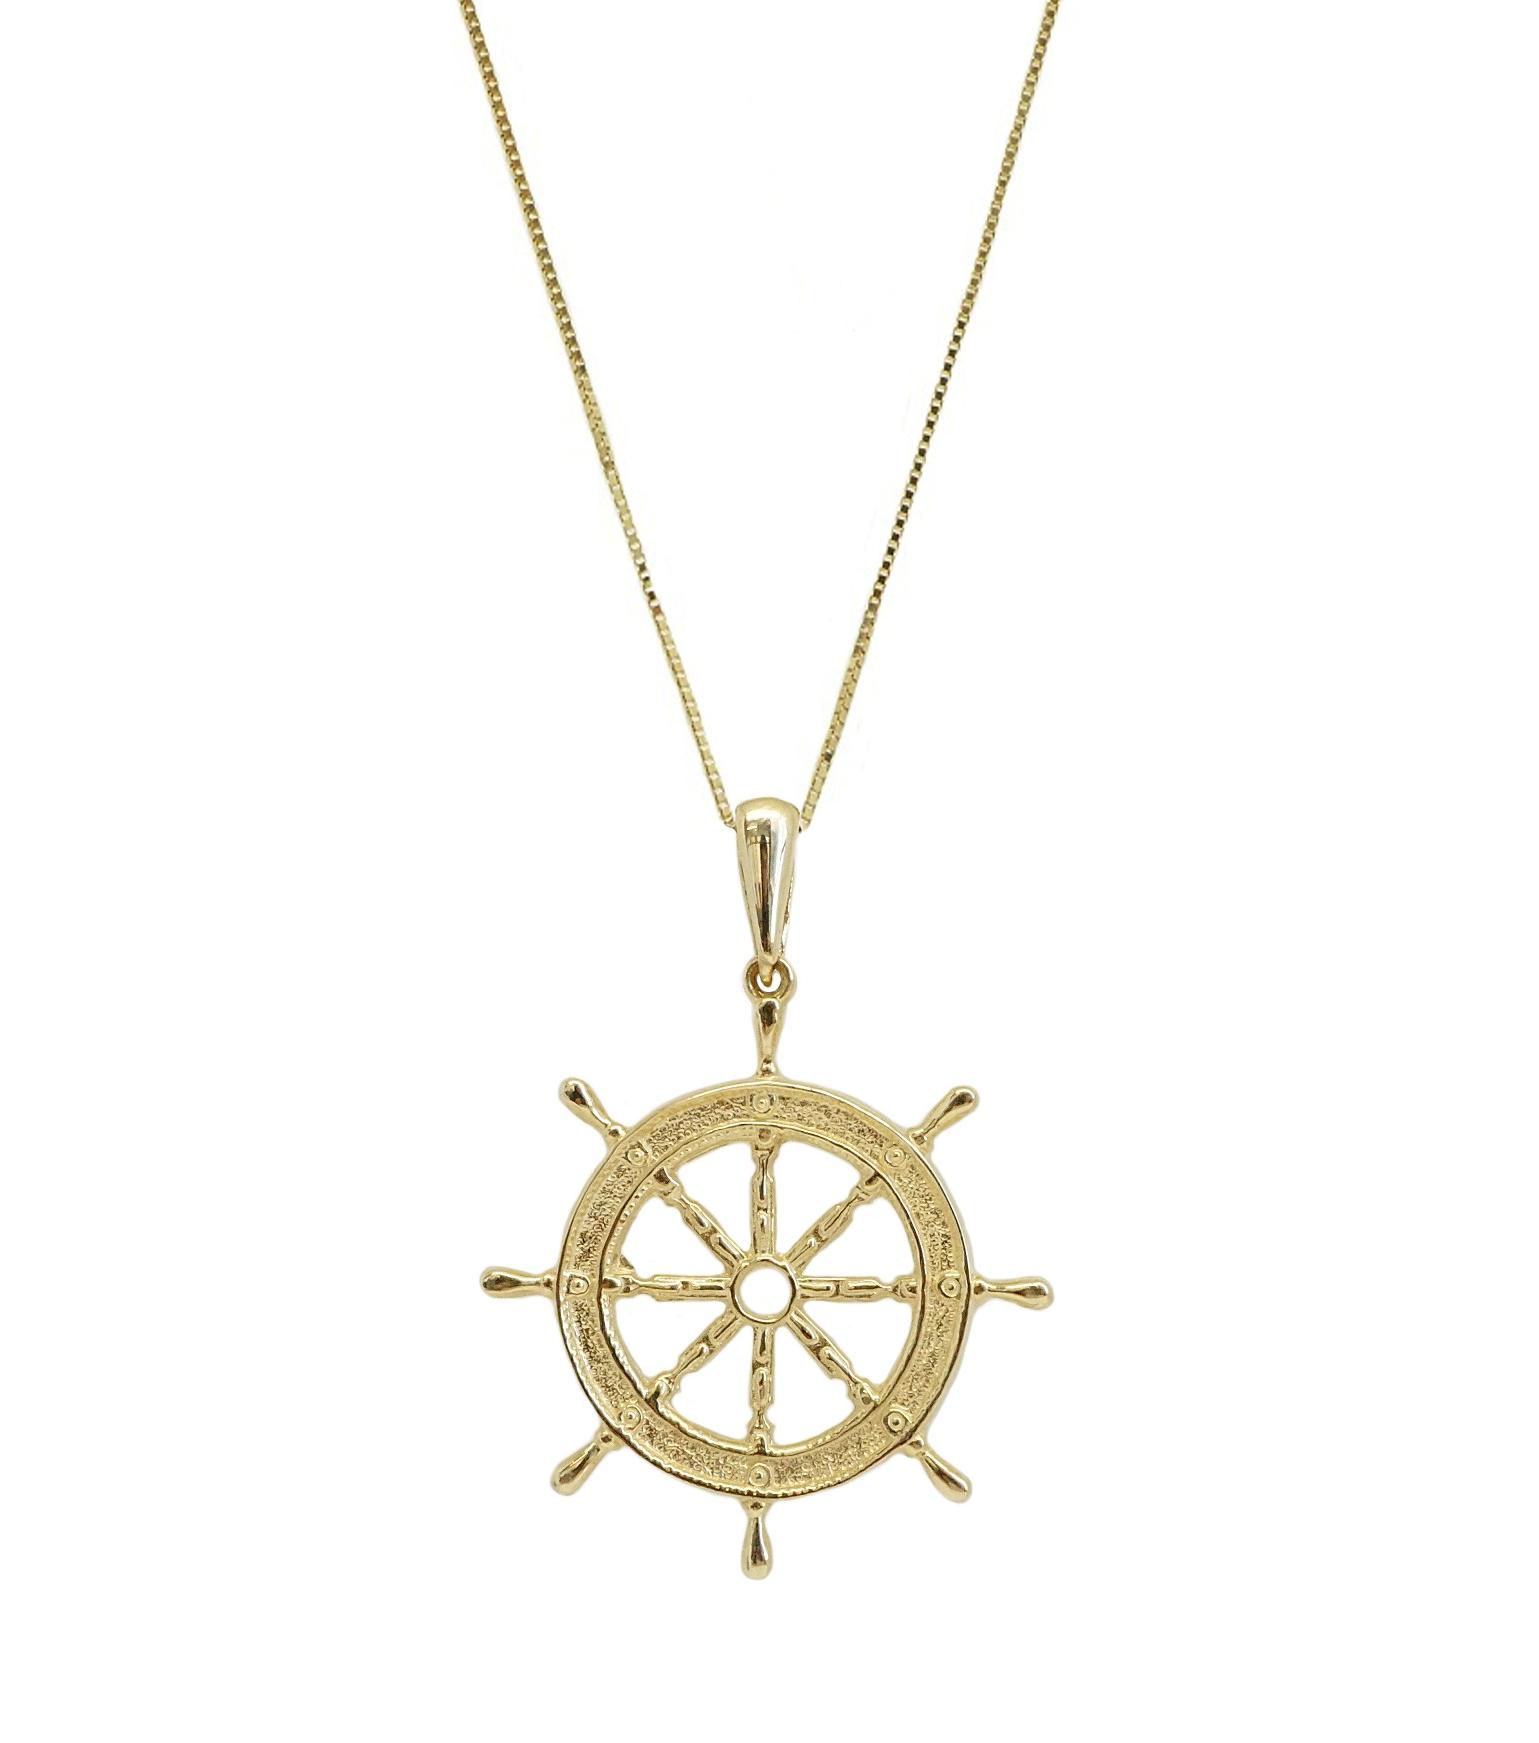 שרשרת ותליון זהב הגה ספינה לגבר